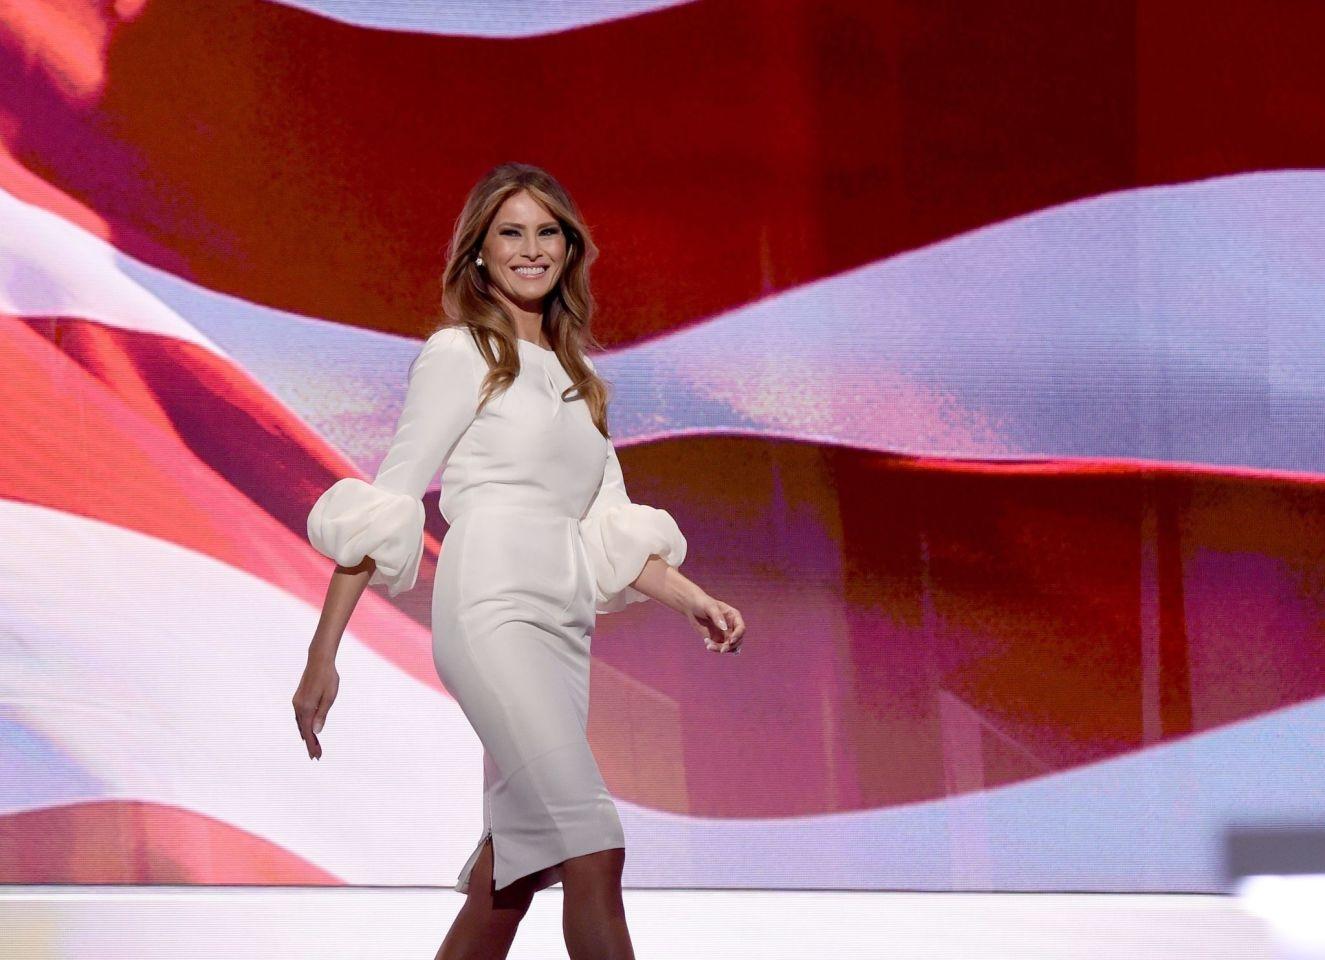 Мелании Трамп — 50! Вспоминаем лучшие образы первой леди США (ФОТО) - фото №4